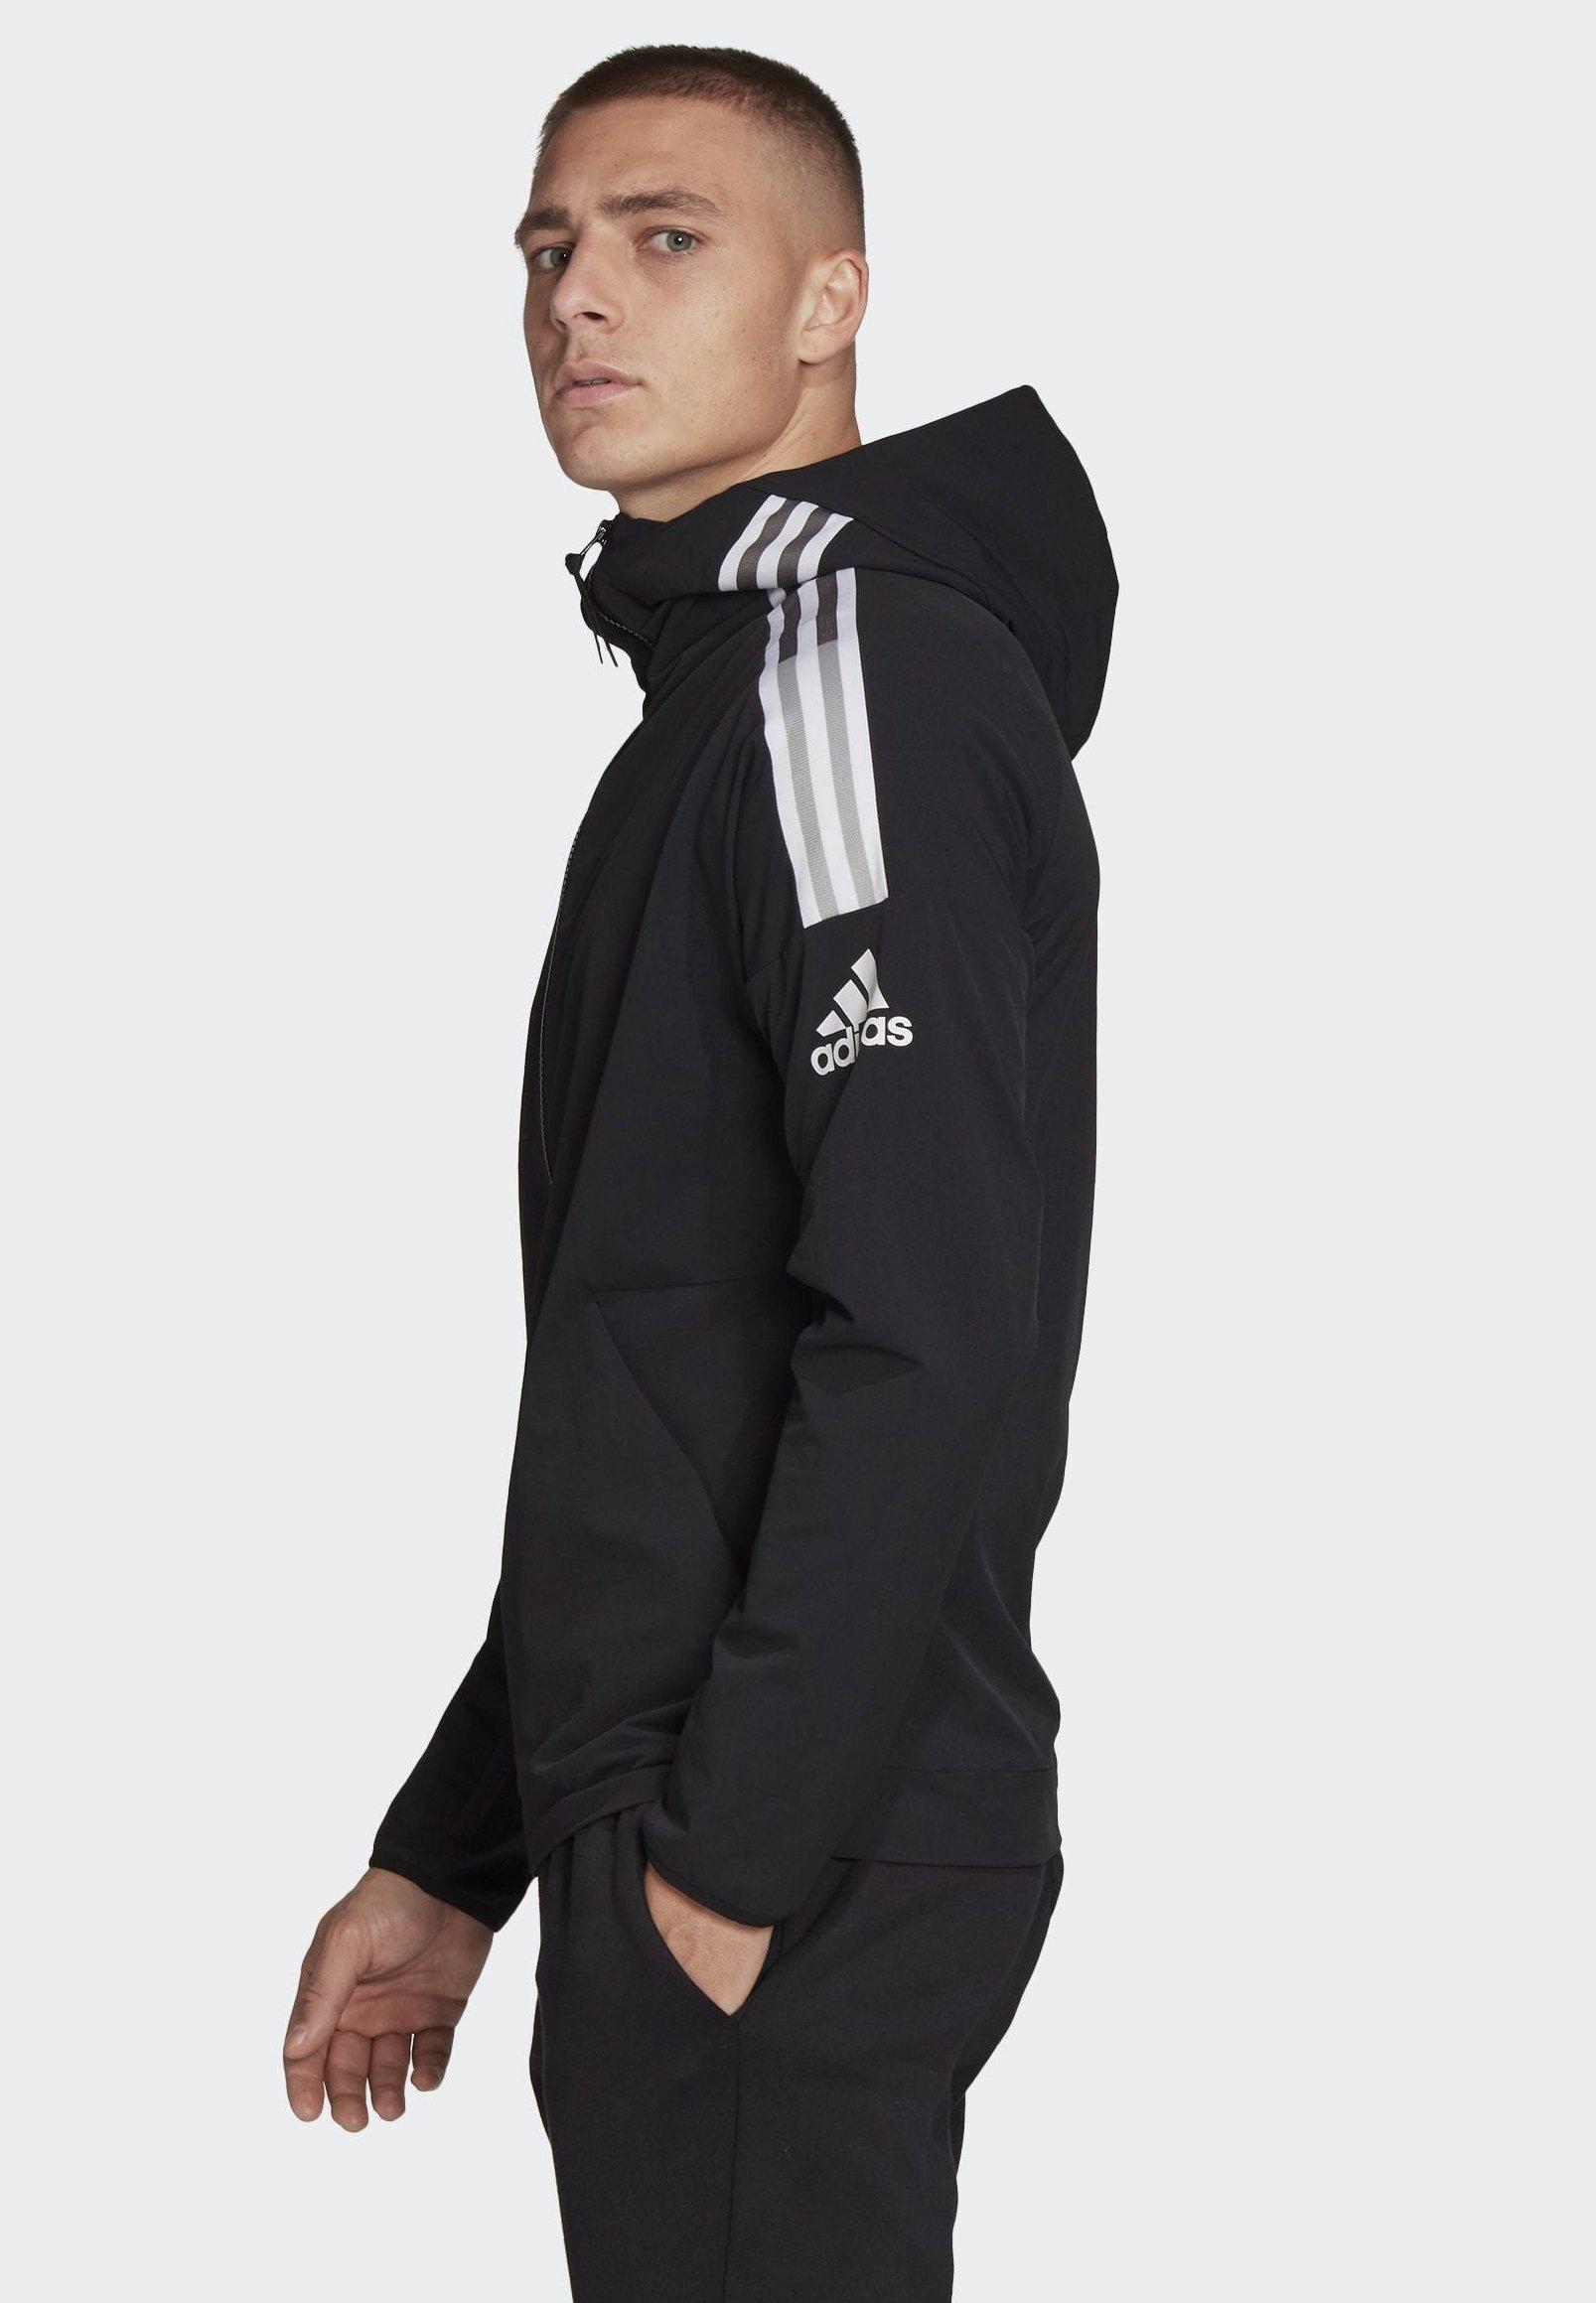 adidas Männer Aeroready Woven 3 Streifen Jacke black